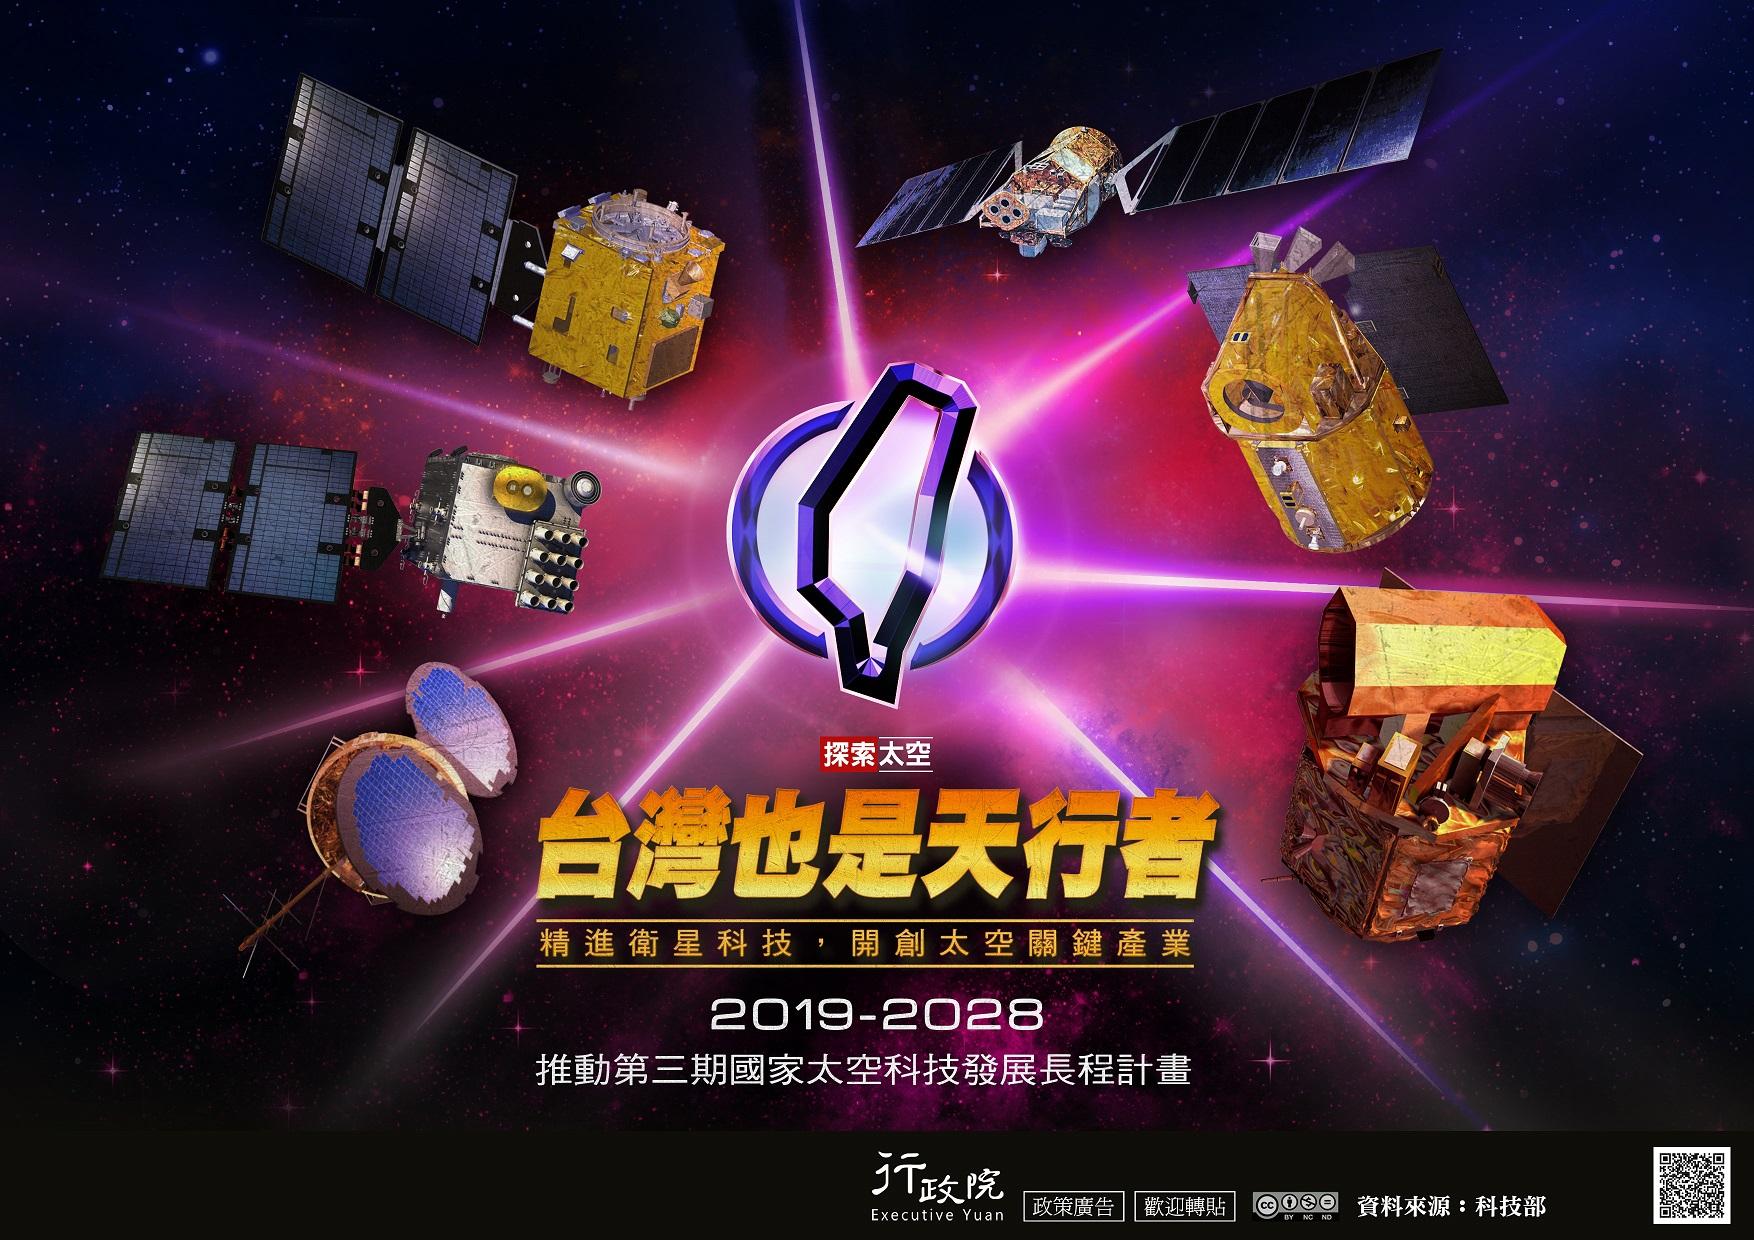 探索太空—台灣也是天行者.jpg